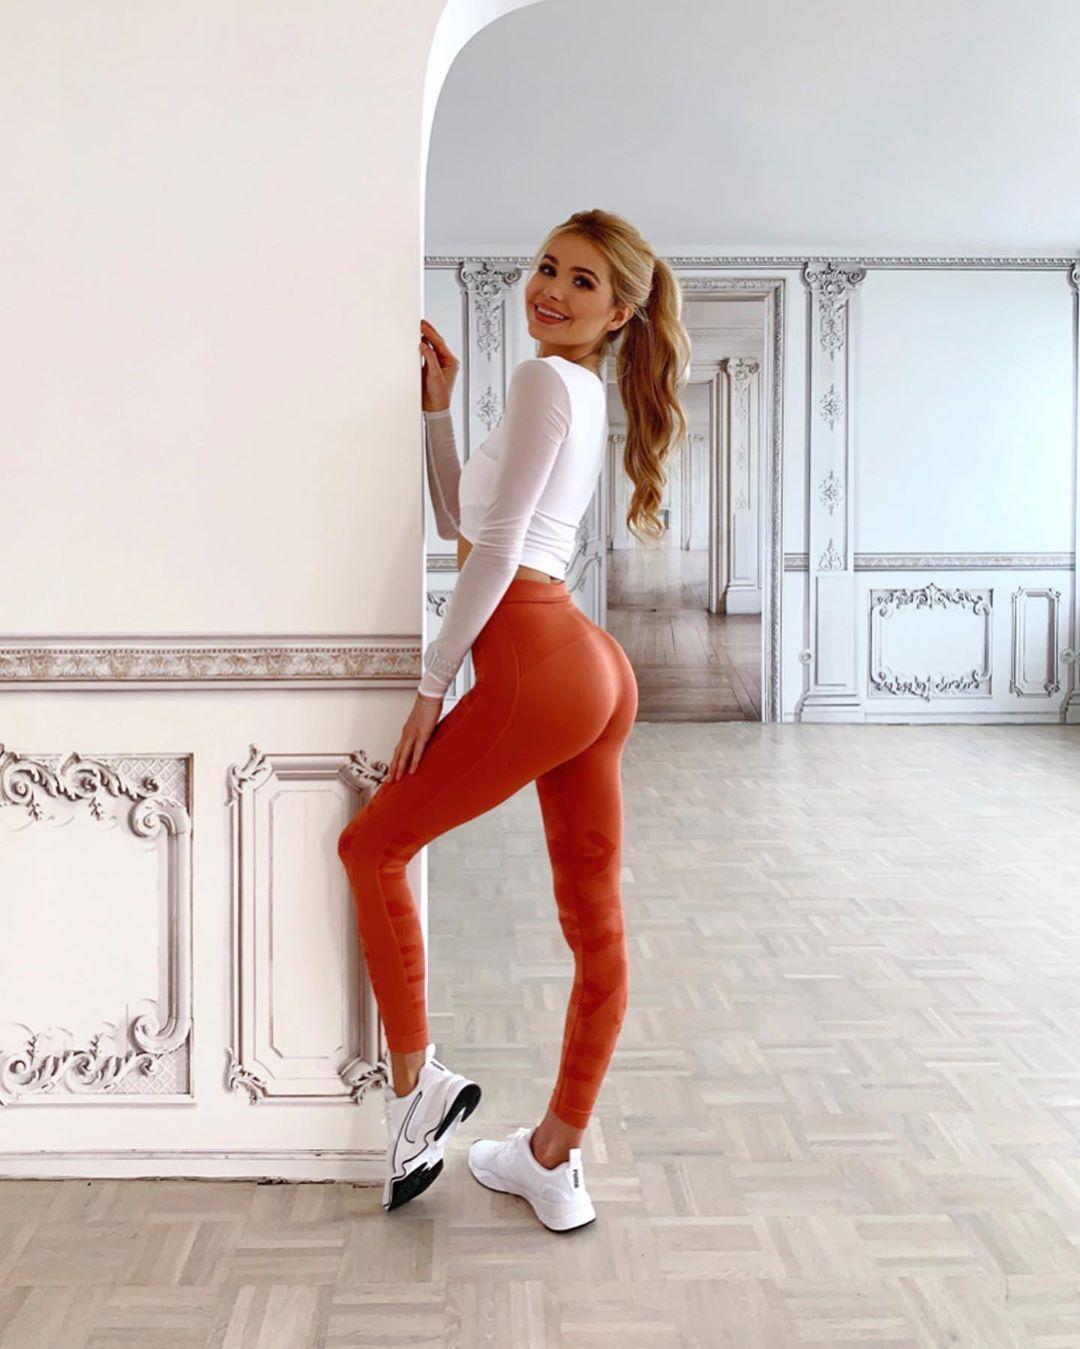 Pamela-Reif-Wallpapers-Insta-Fit-Bio-7